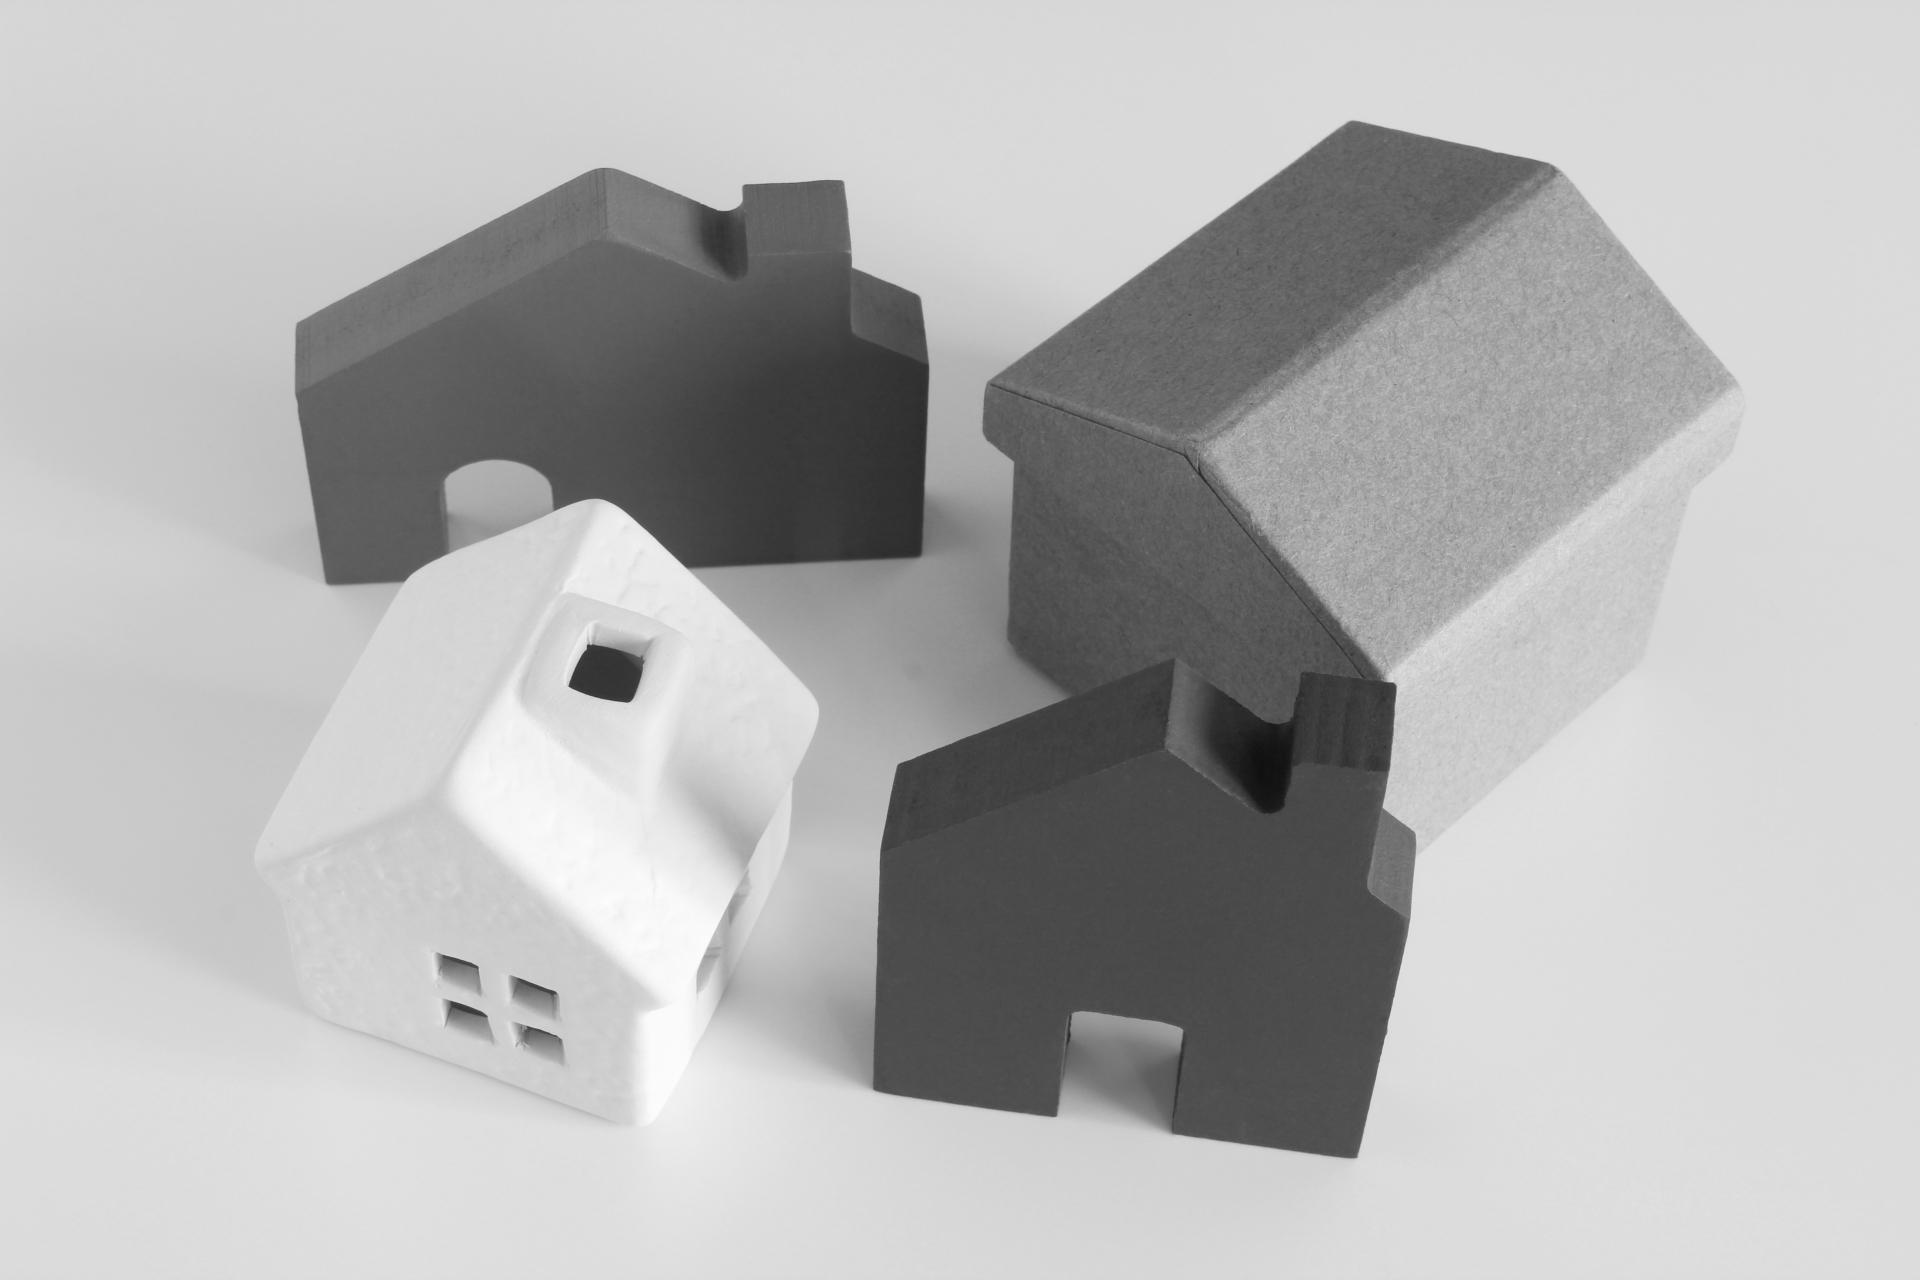 住環境が悪い持ち家はオワコン。窓・断熱・気密・換気は最低限揃えるように。